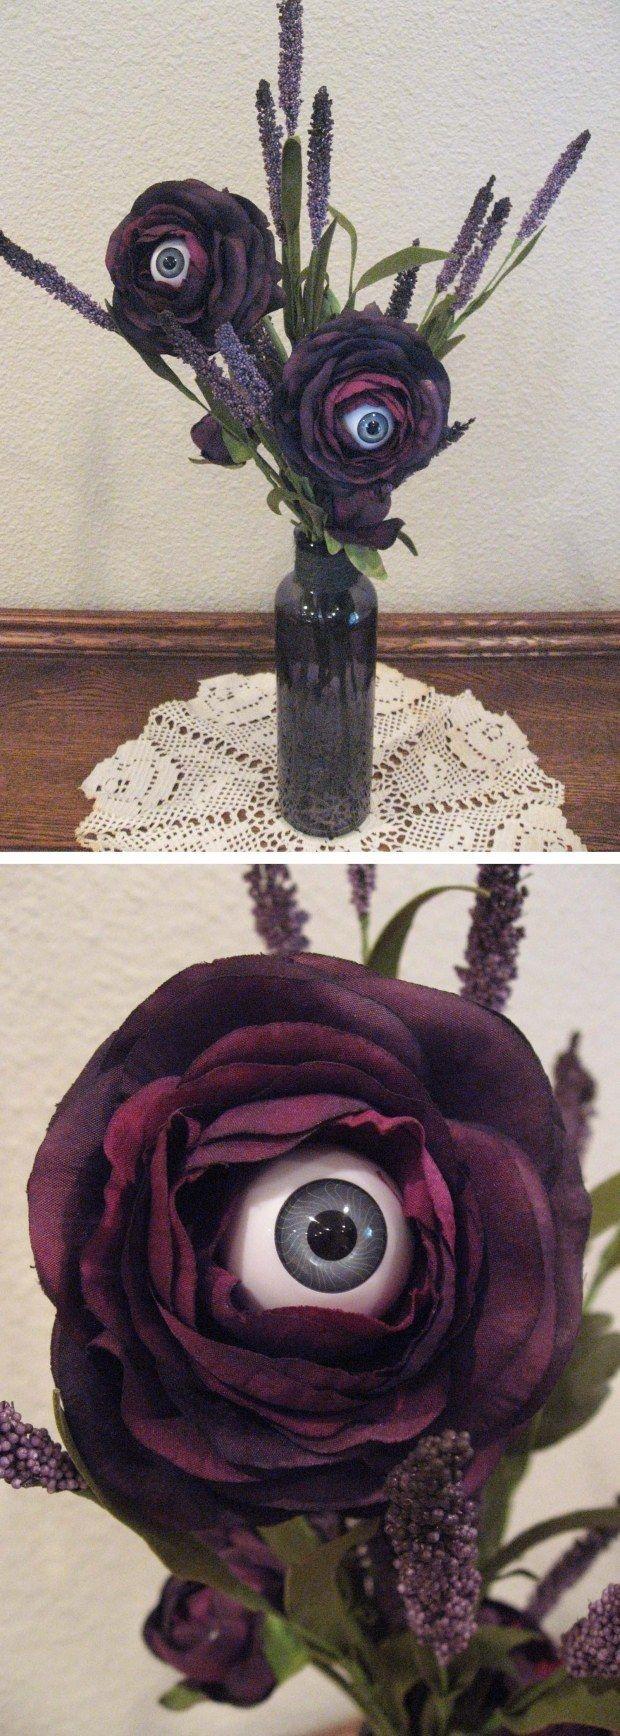 Make an eye-catching bouquet.